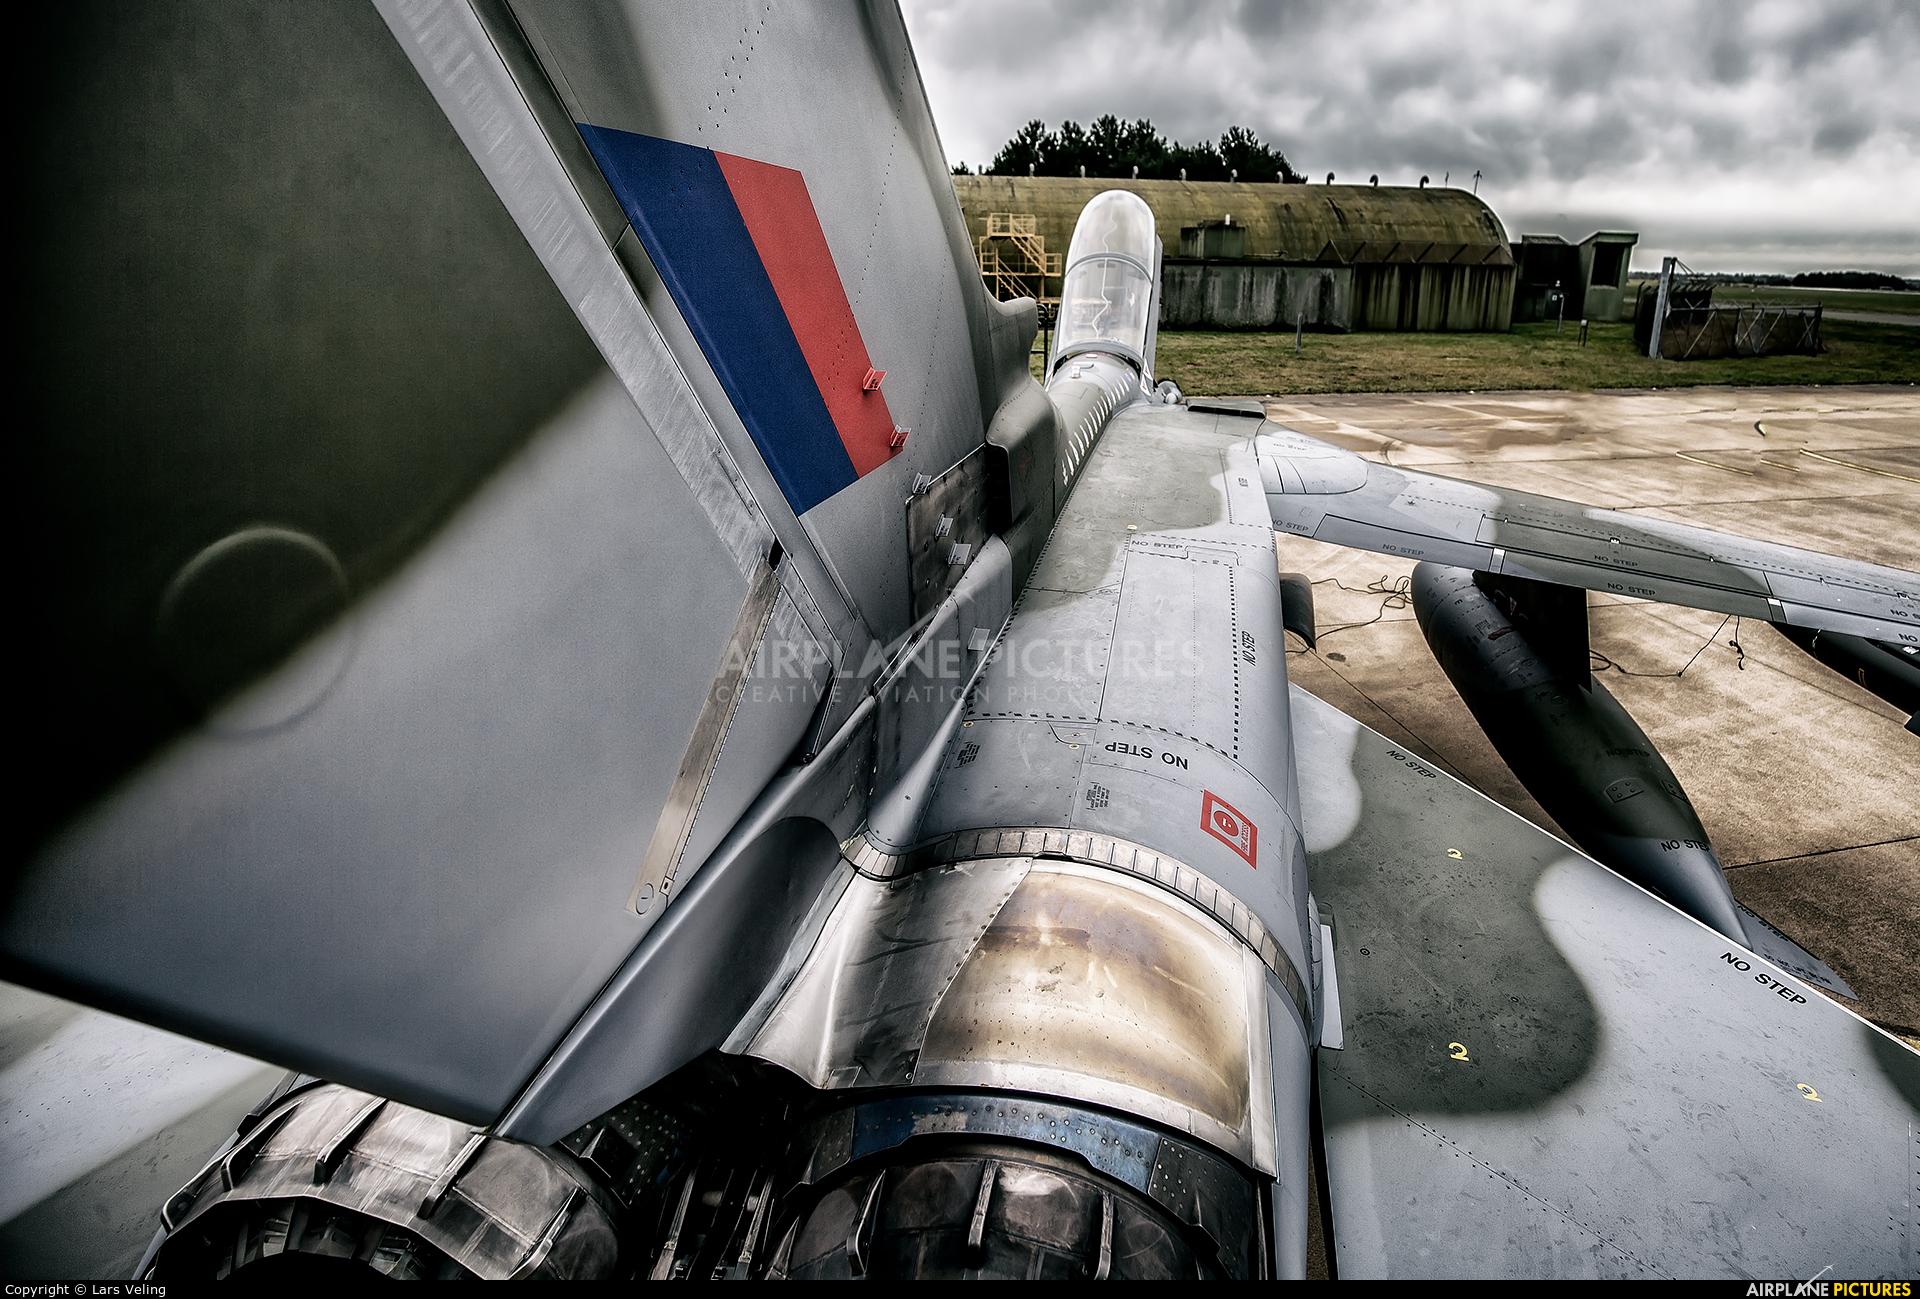 Royal Air Force ZG752 aircraft at Marham